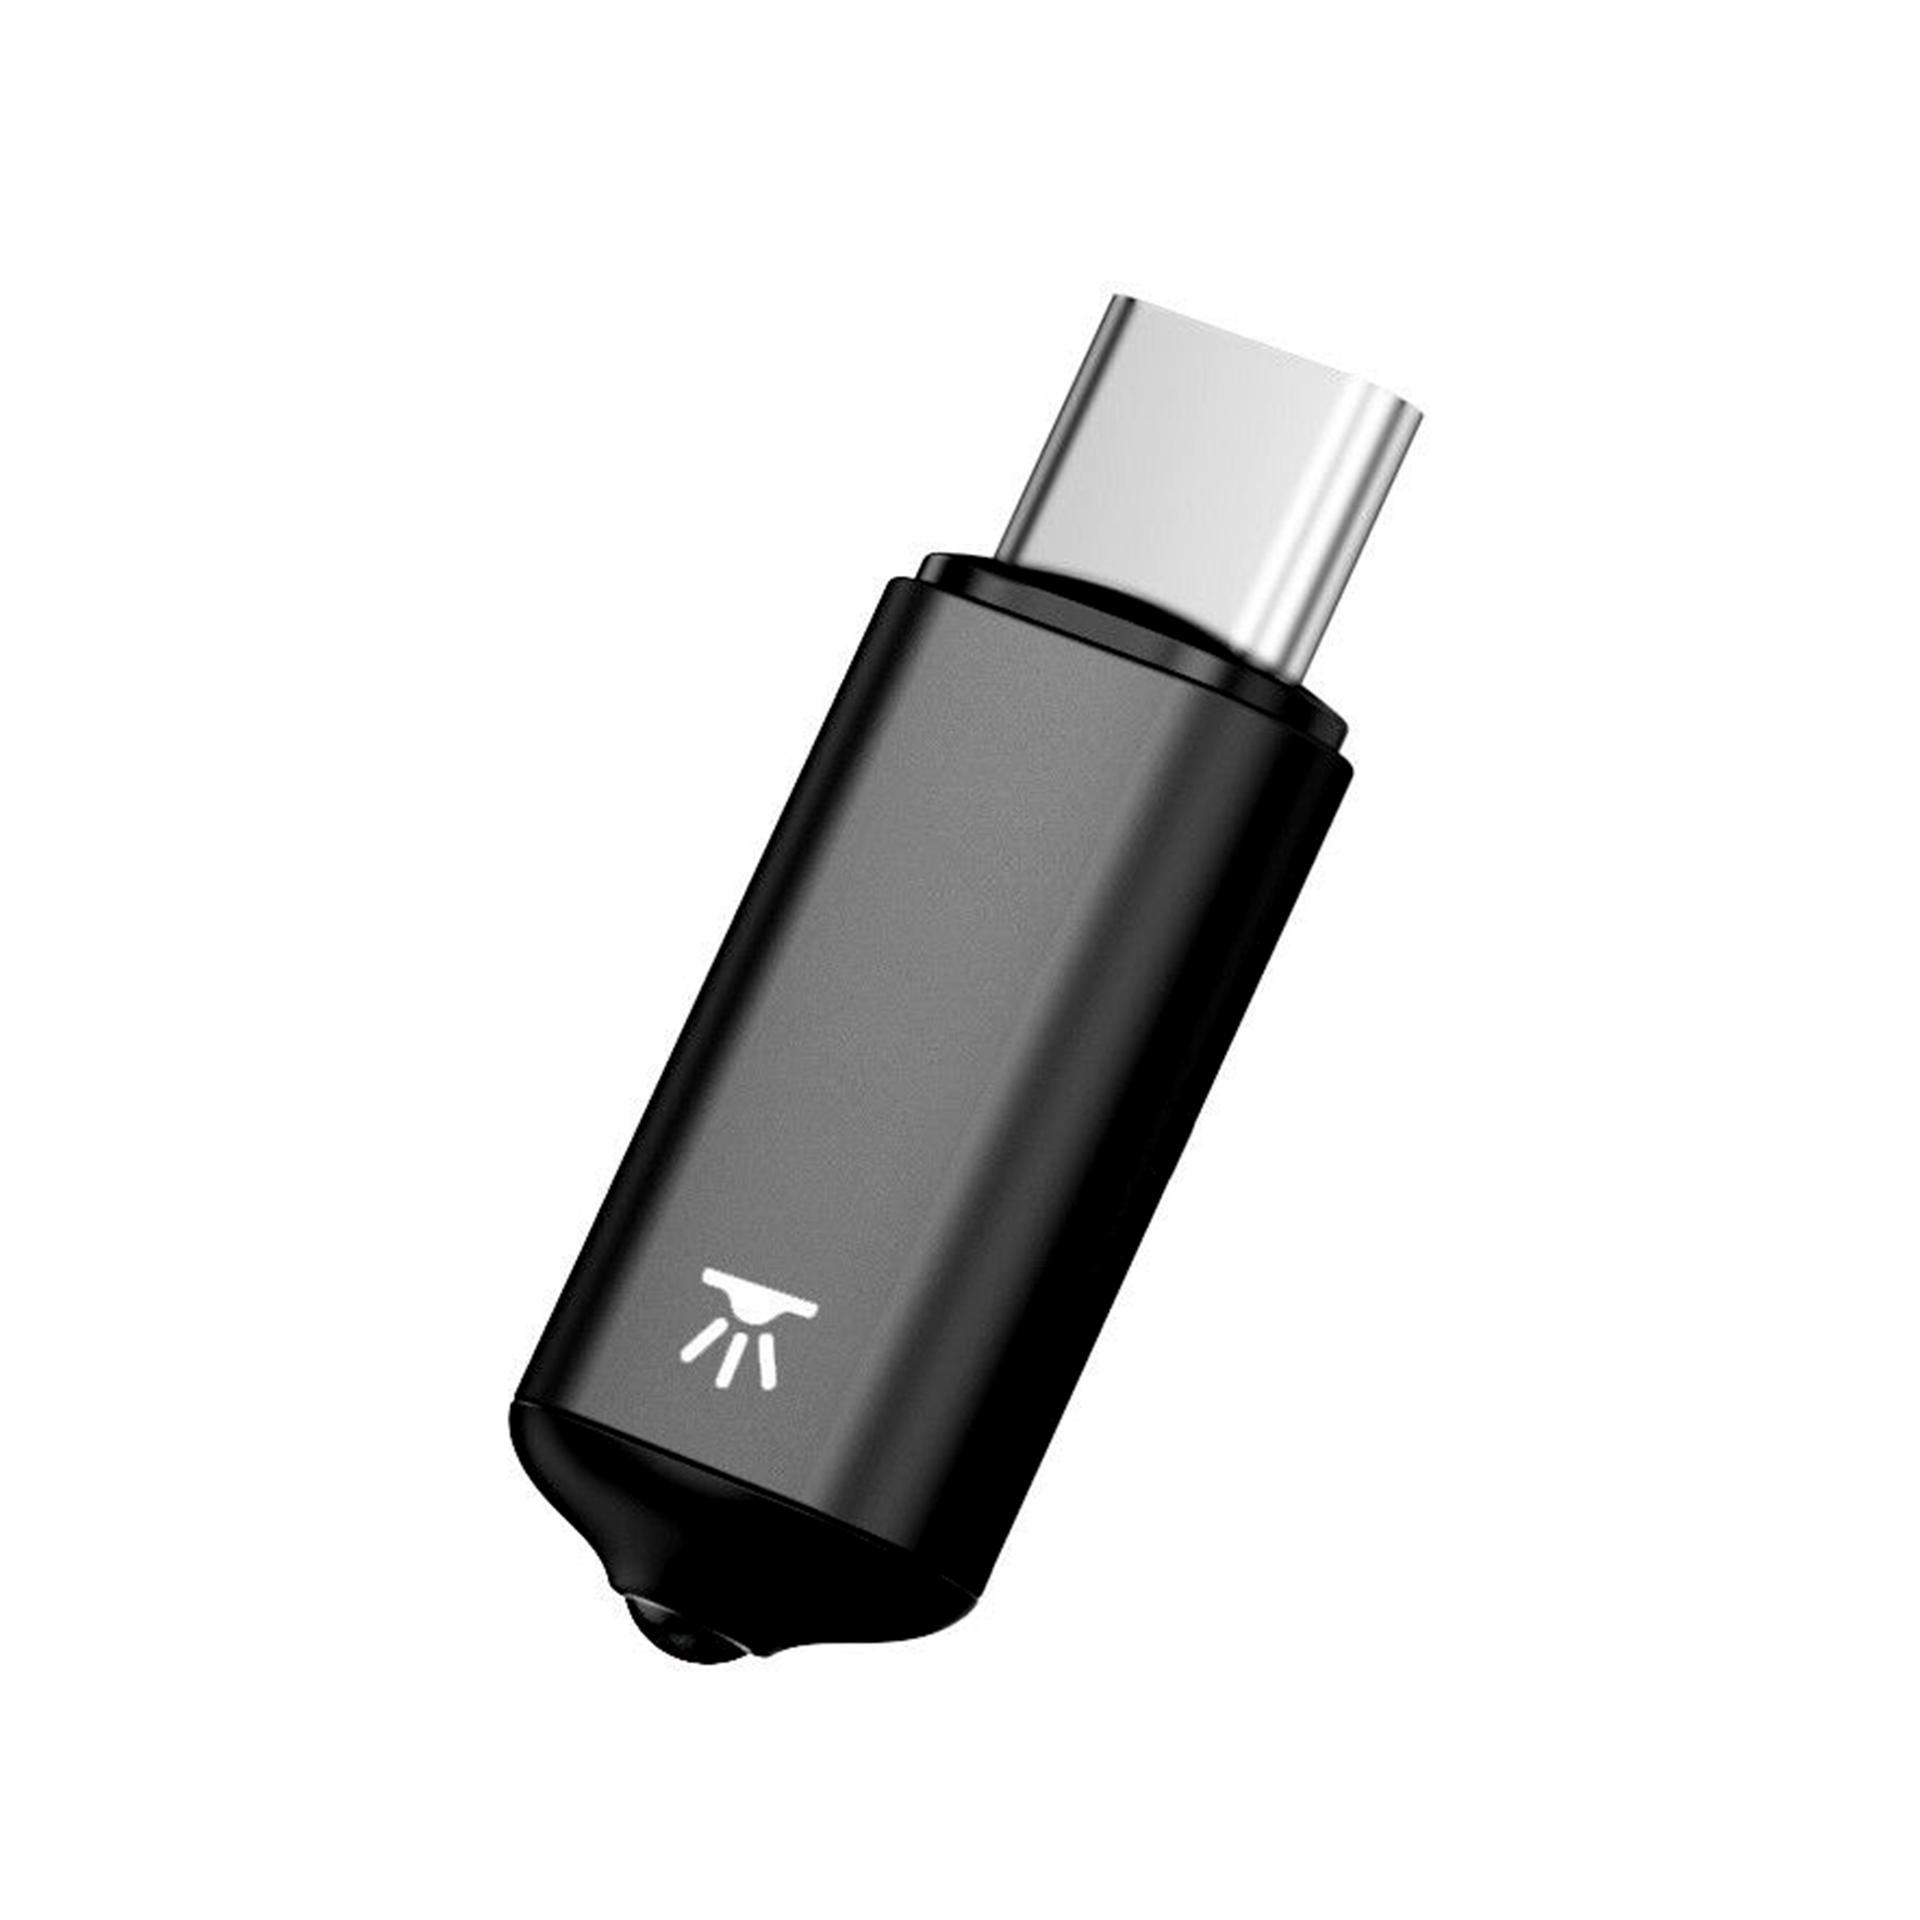 ریموت کنترل USB-C باسئوس مدل ACTR02              ( قیمت و خرید)